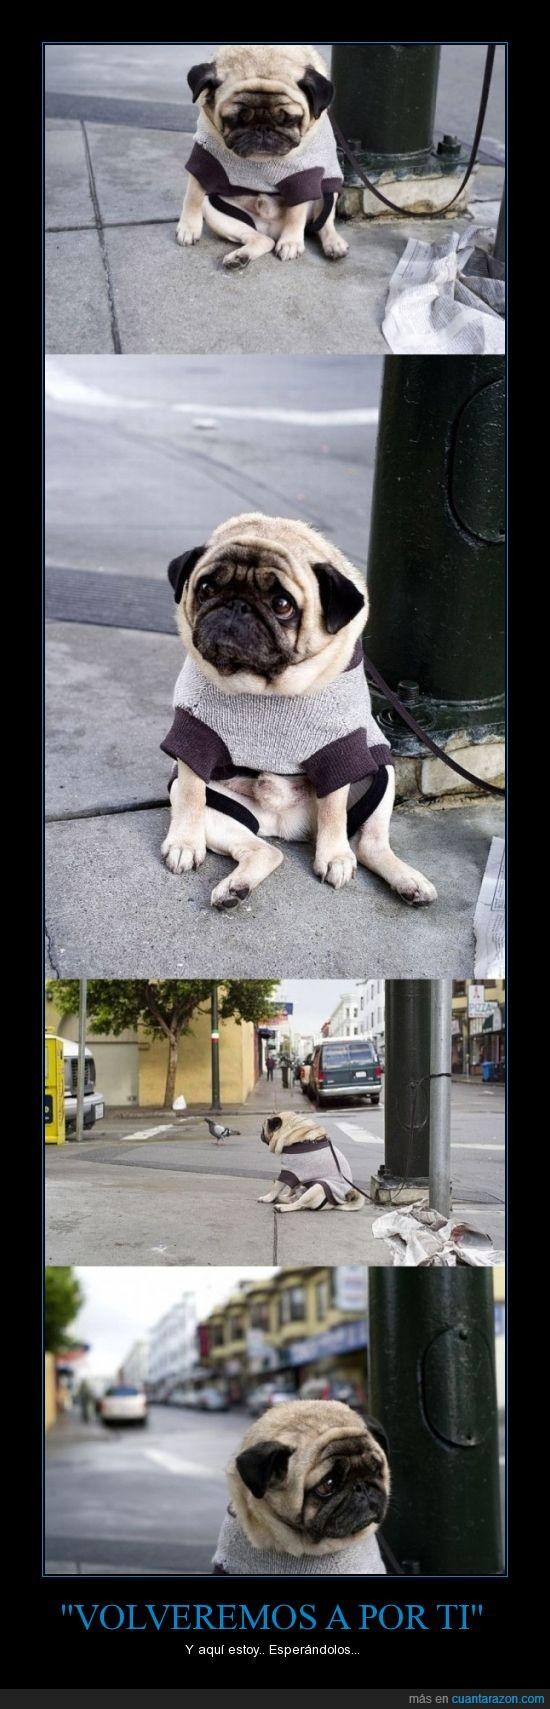 abandonar,atado,esperar,perro,pug,triste